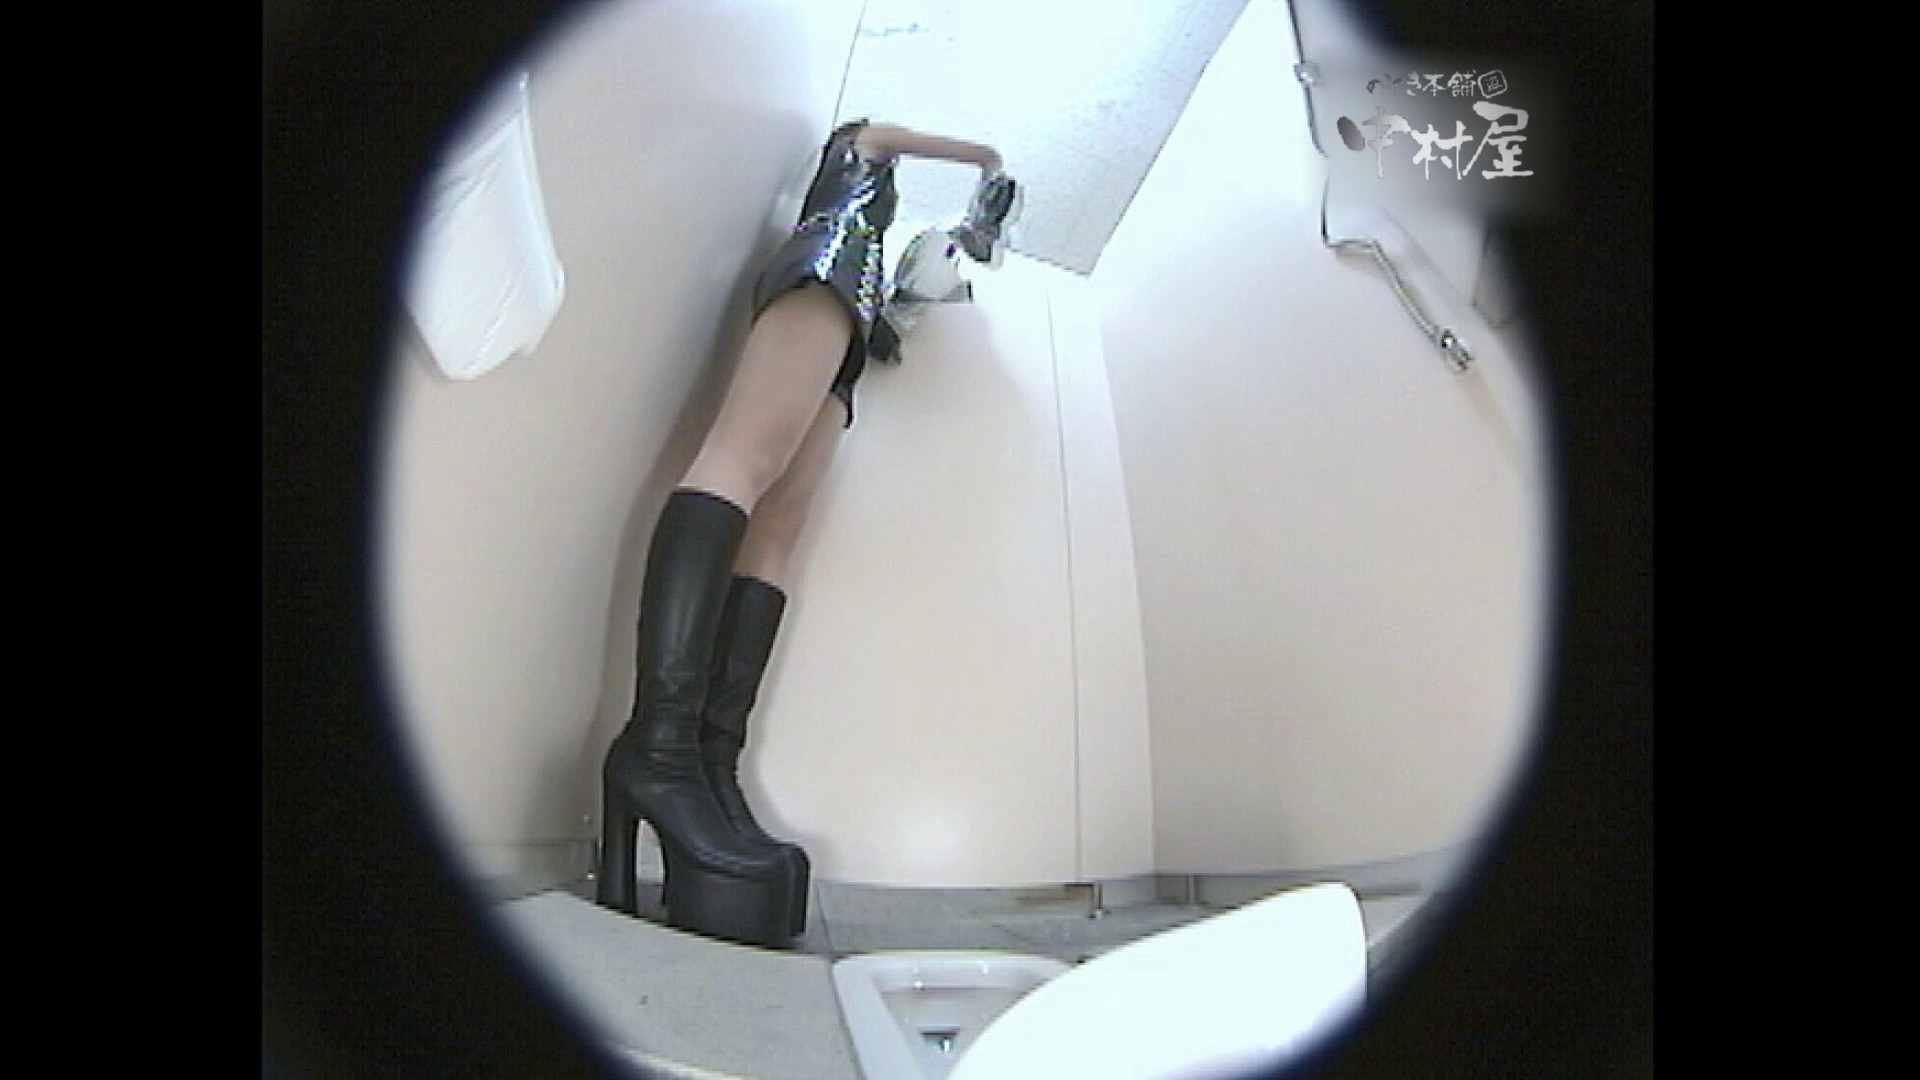 レースクィーントイレ盗撮!Vol.19 ギャルのエロ生活 盗撮動画紹介 52連発 3